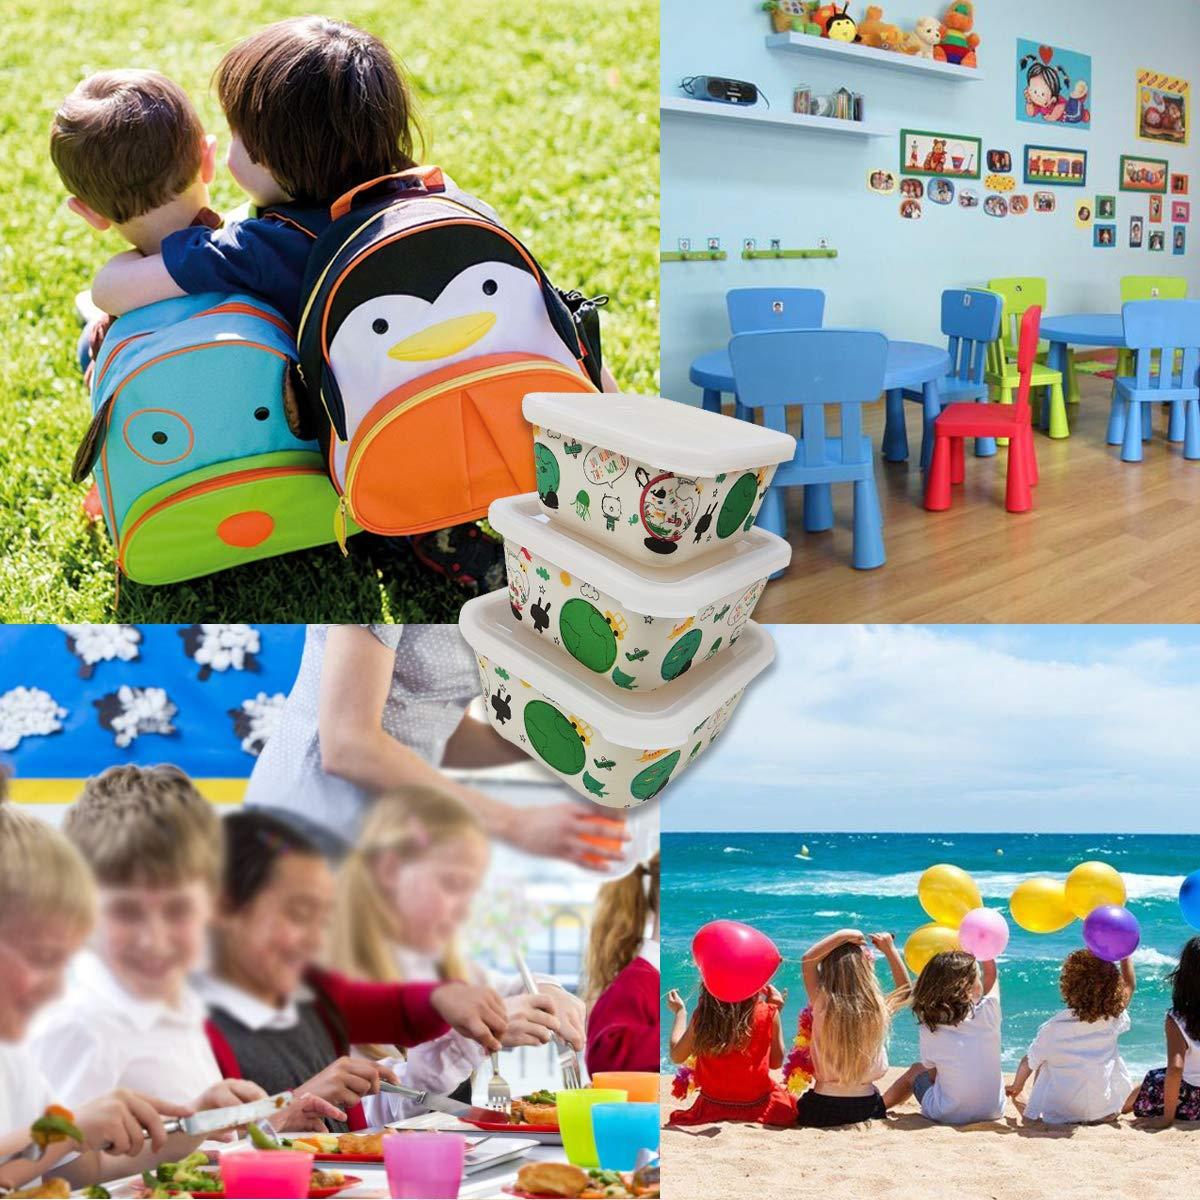 3 Tupper Bamb/ú Infantil,Fiambrera desayuno,Ideal para beb/é y ni/ño,Apto para lavavajillas-b/úho azul